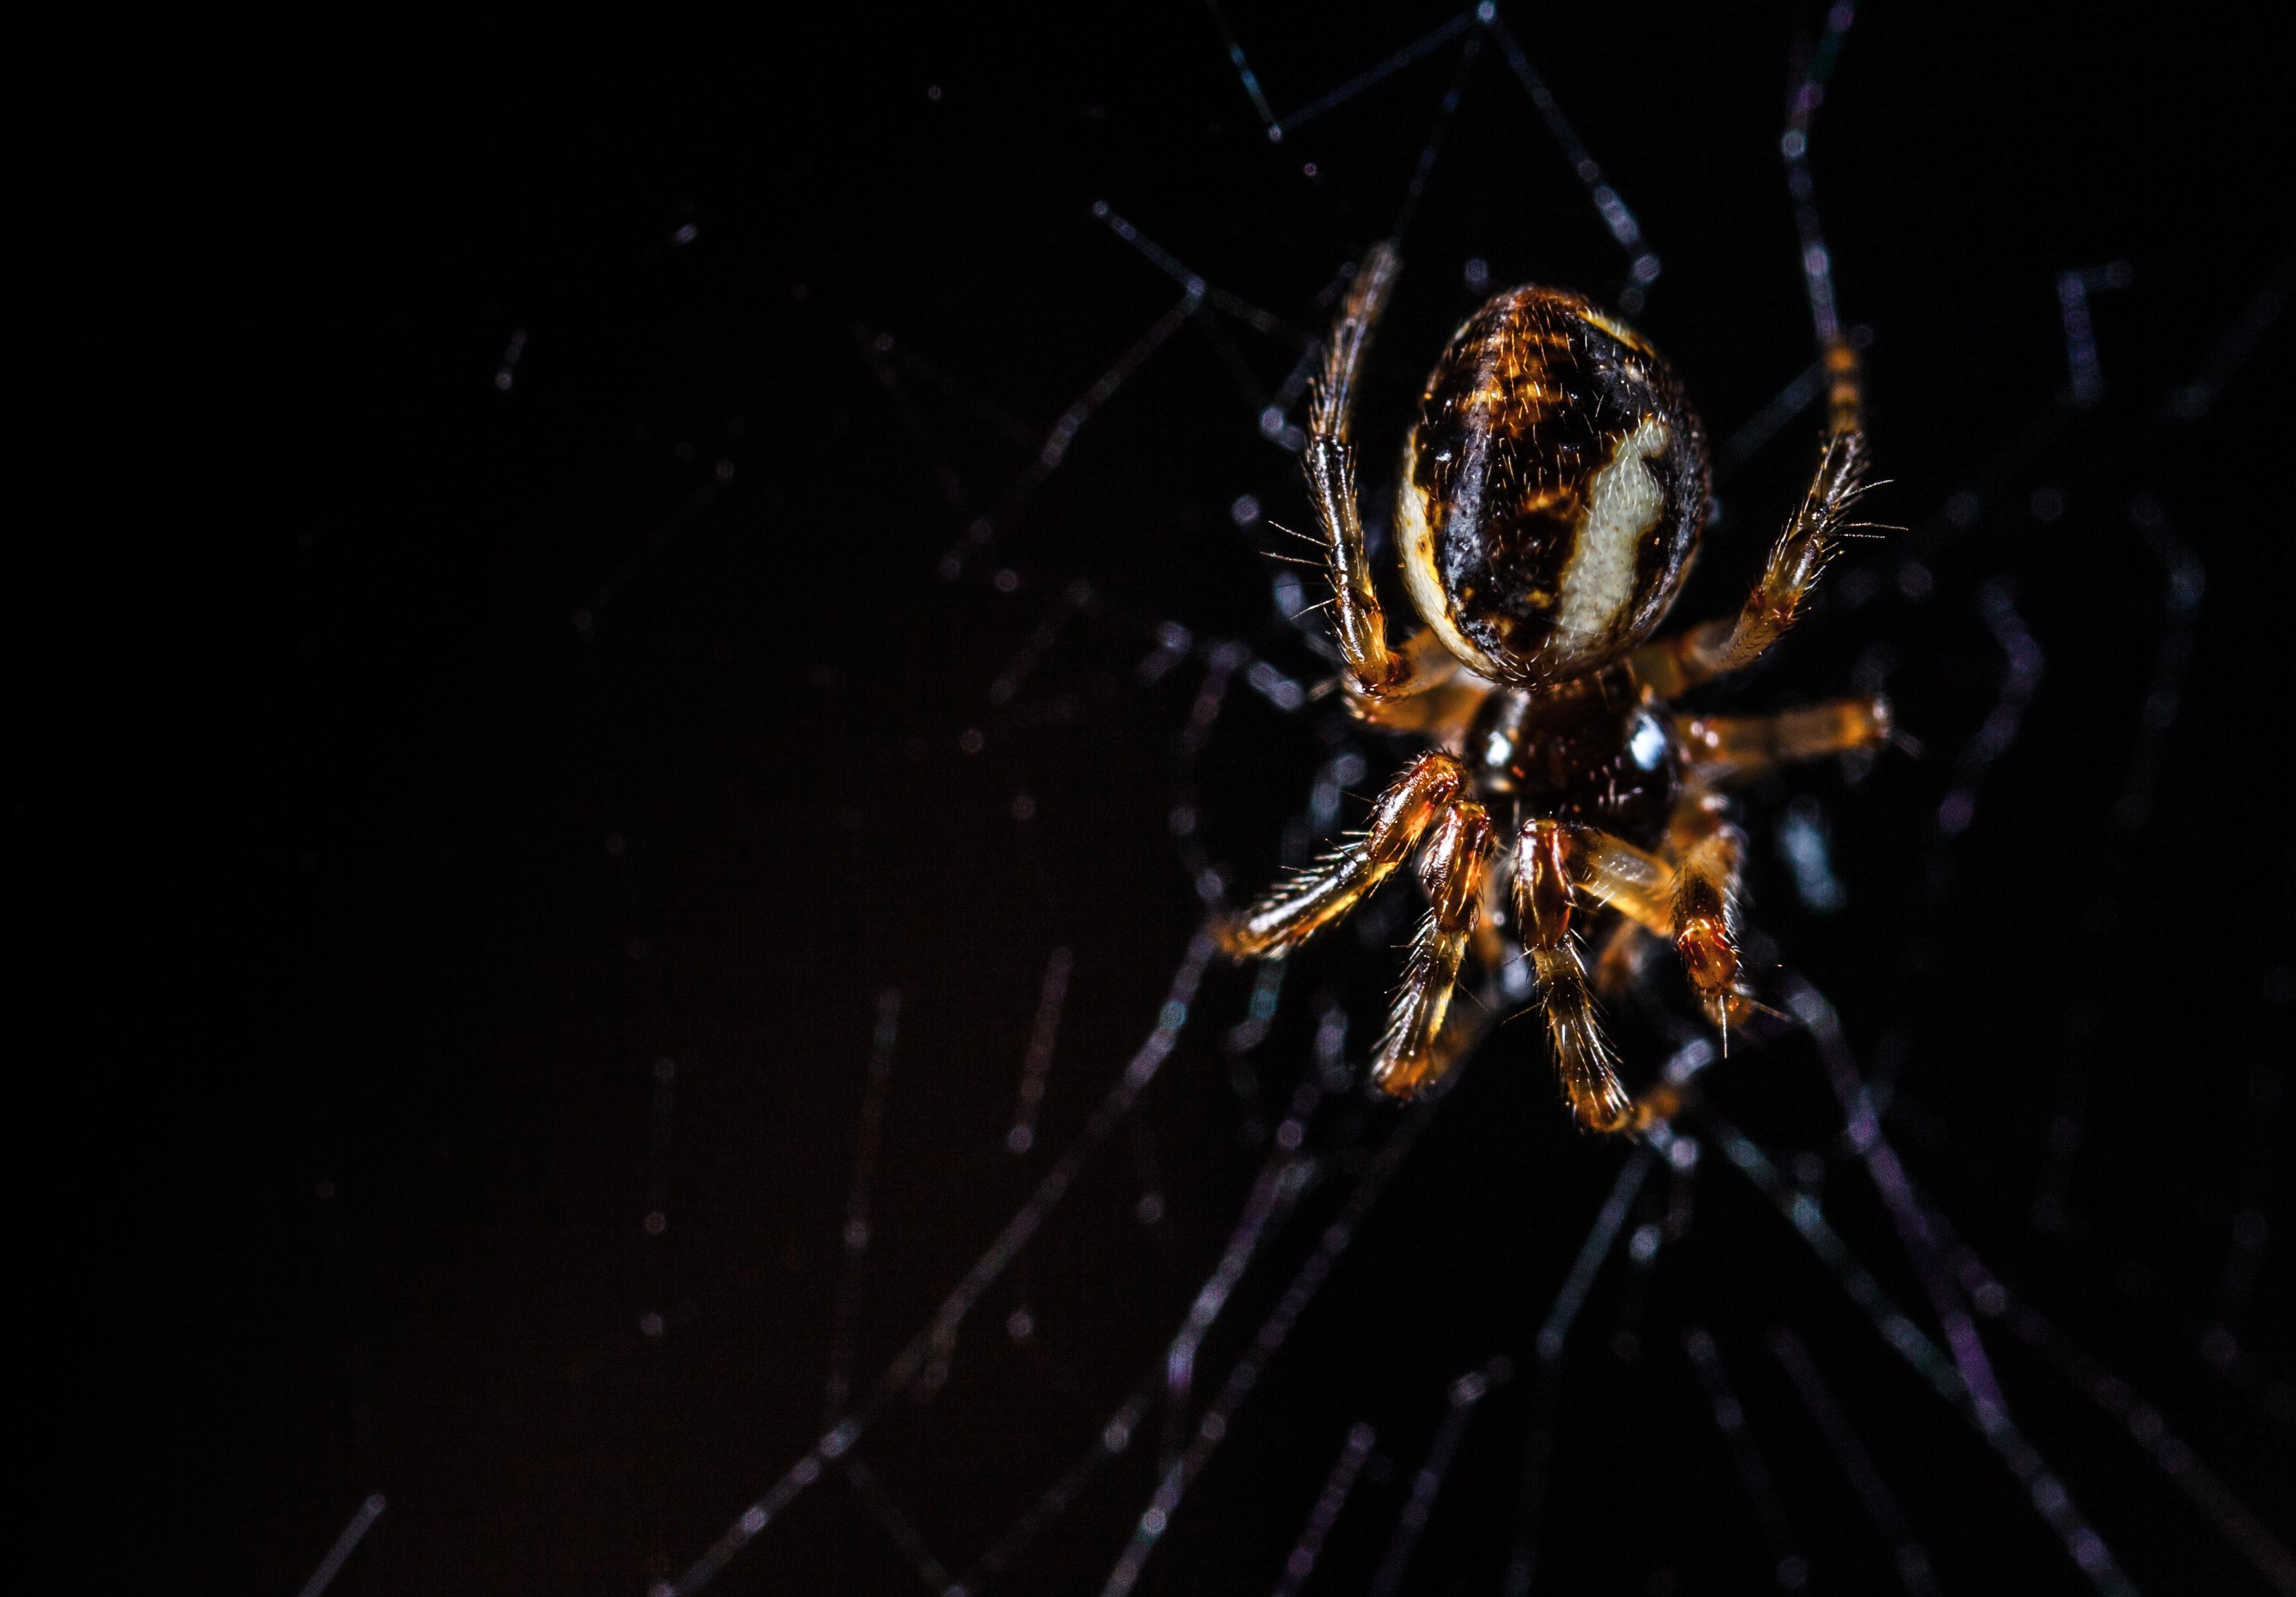 https://images.pexels.com/photos/843148/pexels-photo-843148.jpeg?cs=srgb&dl=animal-arachnid-black-background-843148.jpg&fm=jpg